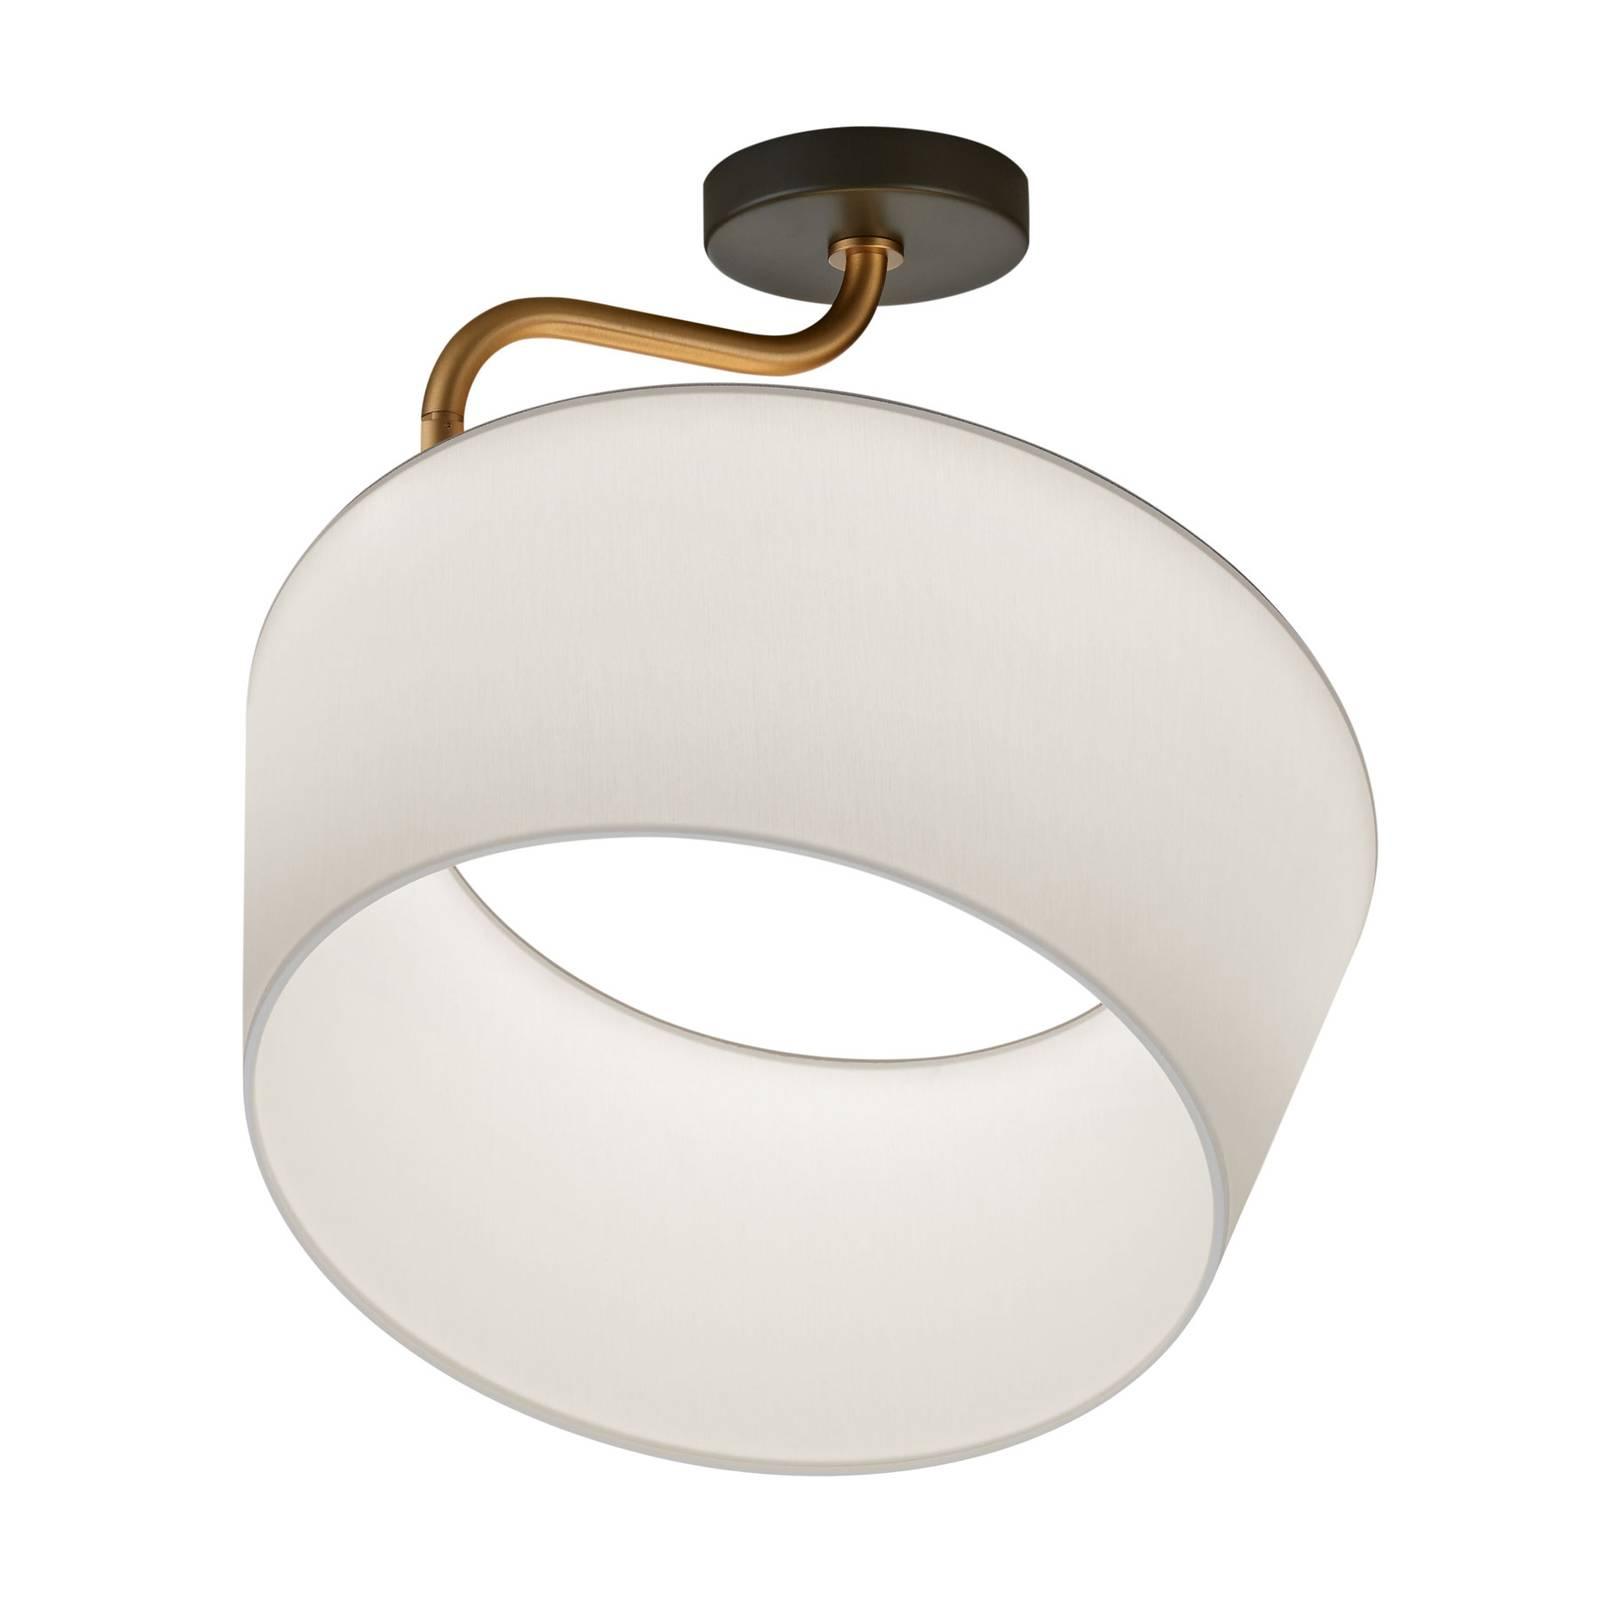 Baulmann 83.703 LED-Deckenleuchte, Chintz weiß